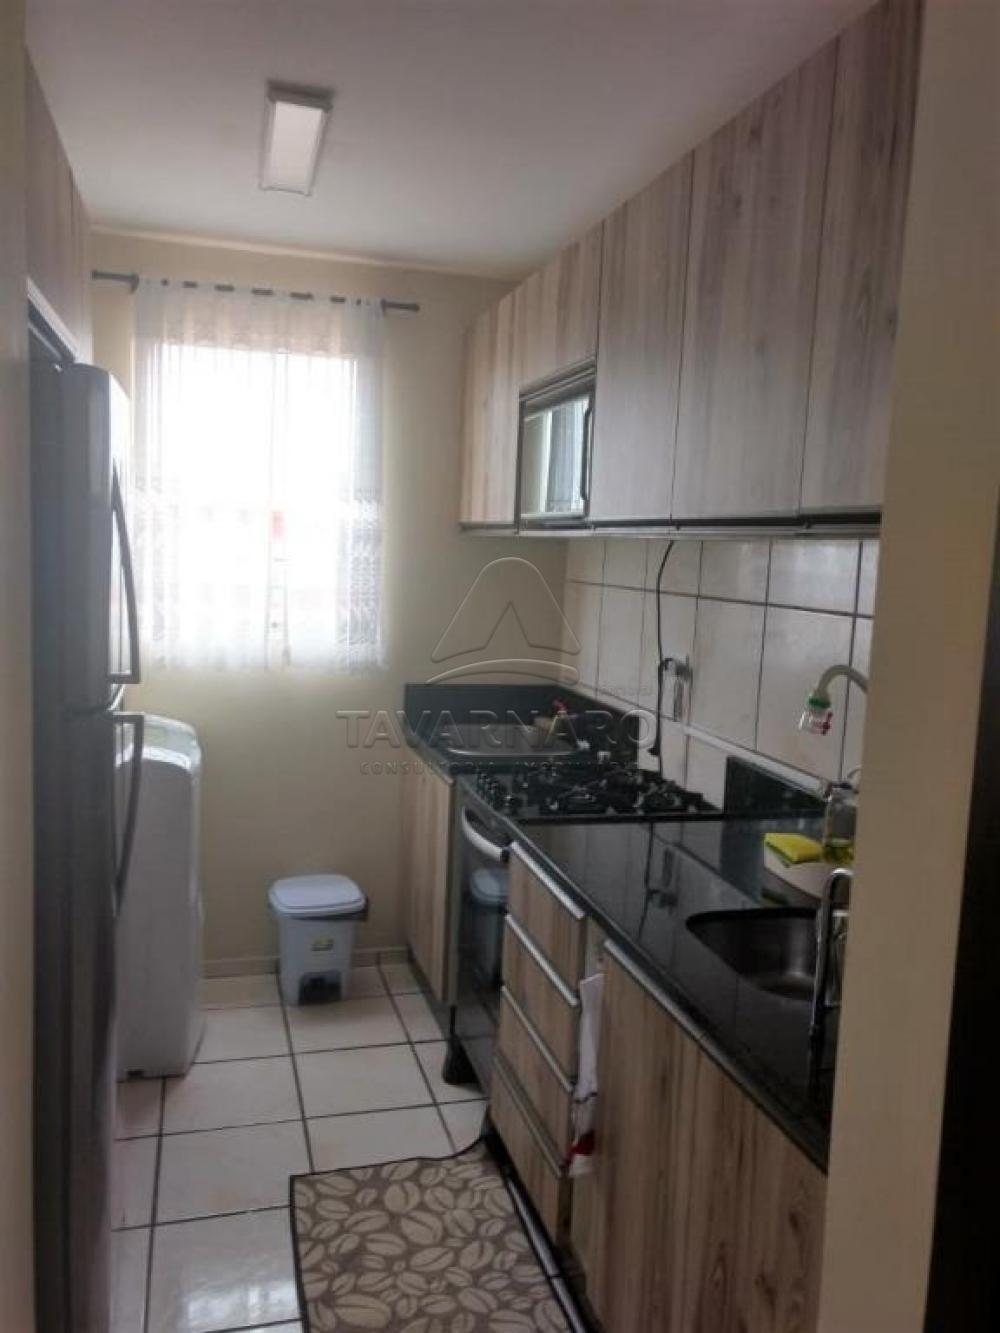 Comprar Apartamento / Padrão em Ponta Grossa R$ 125.000,00 - Foto 7